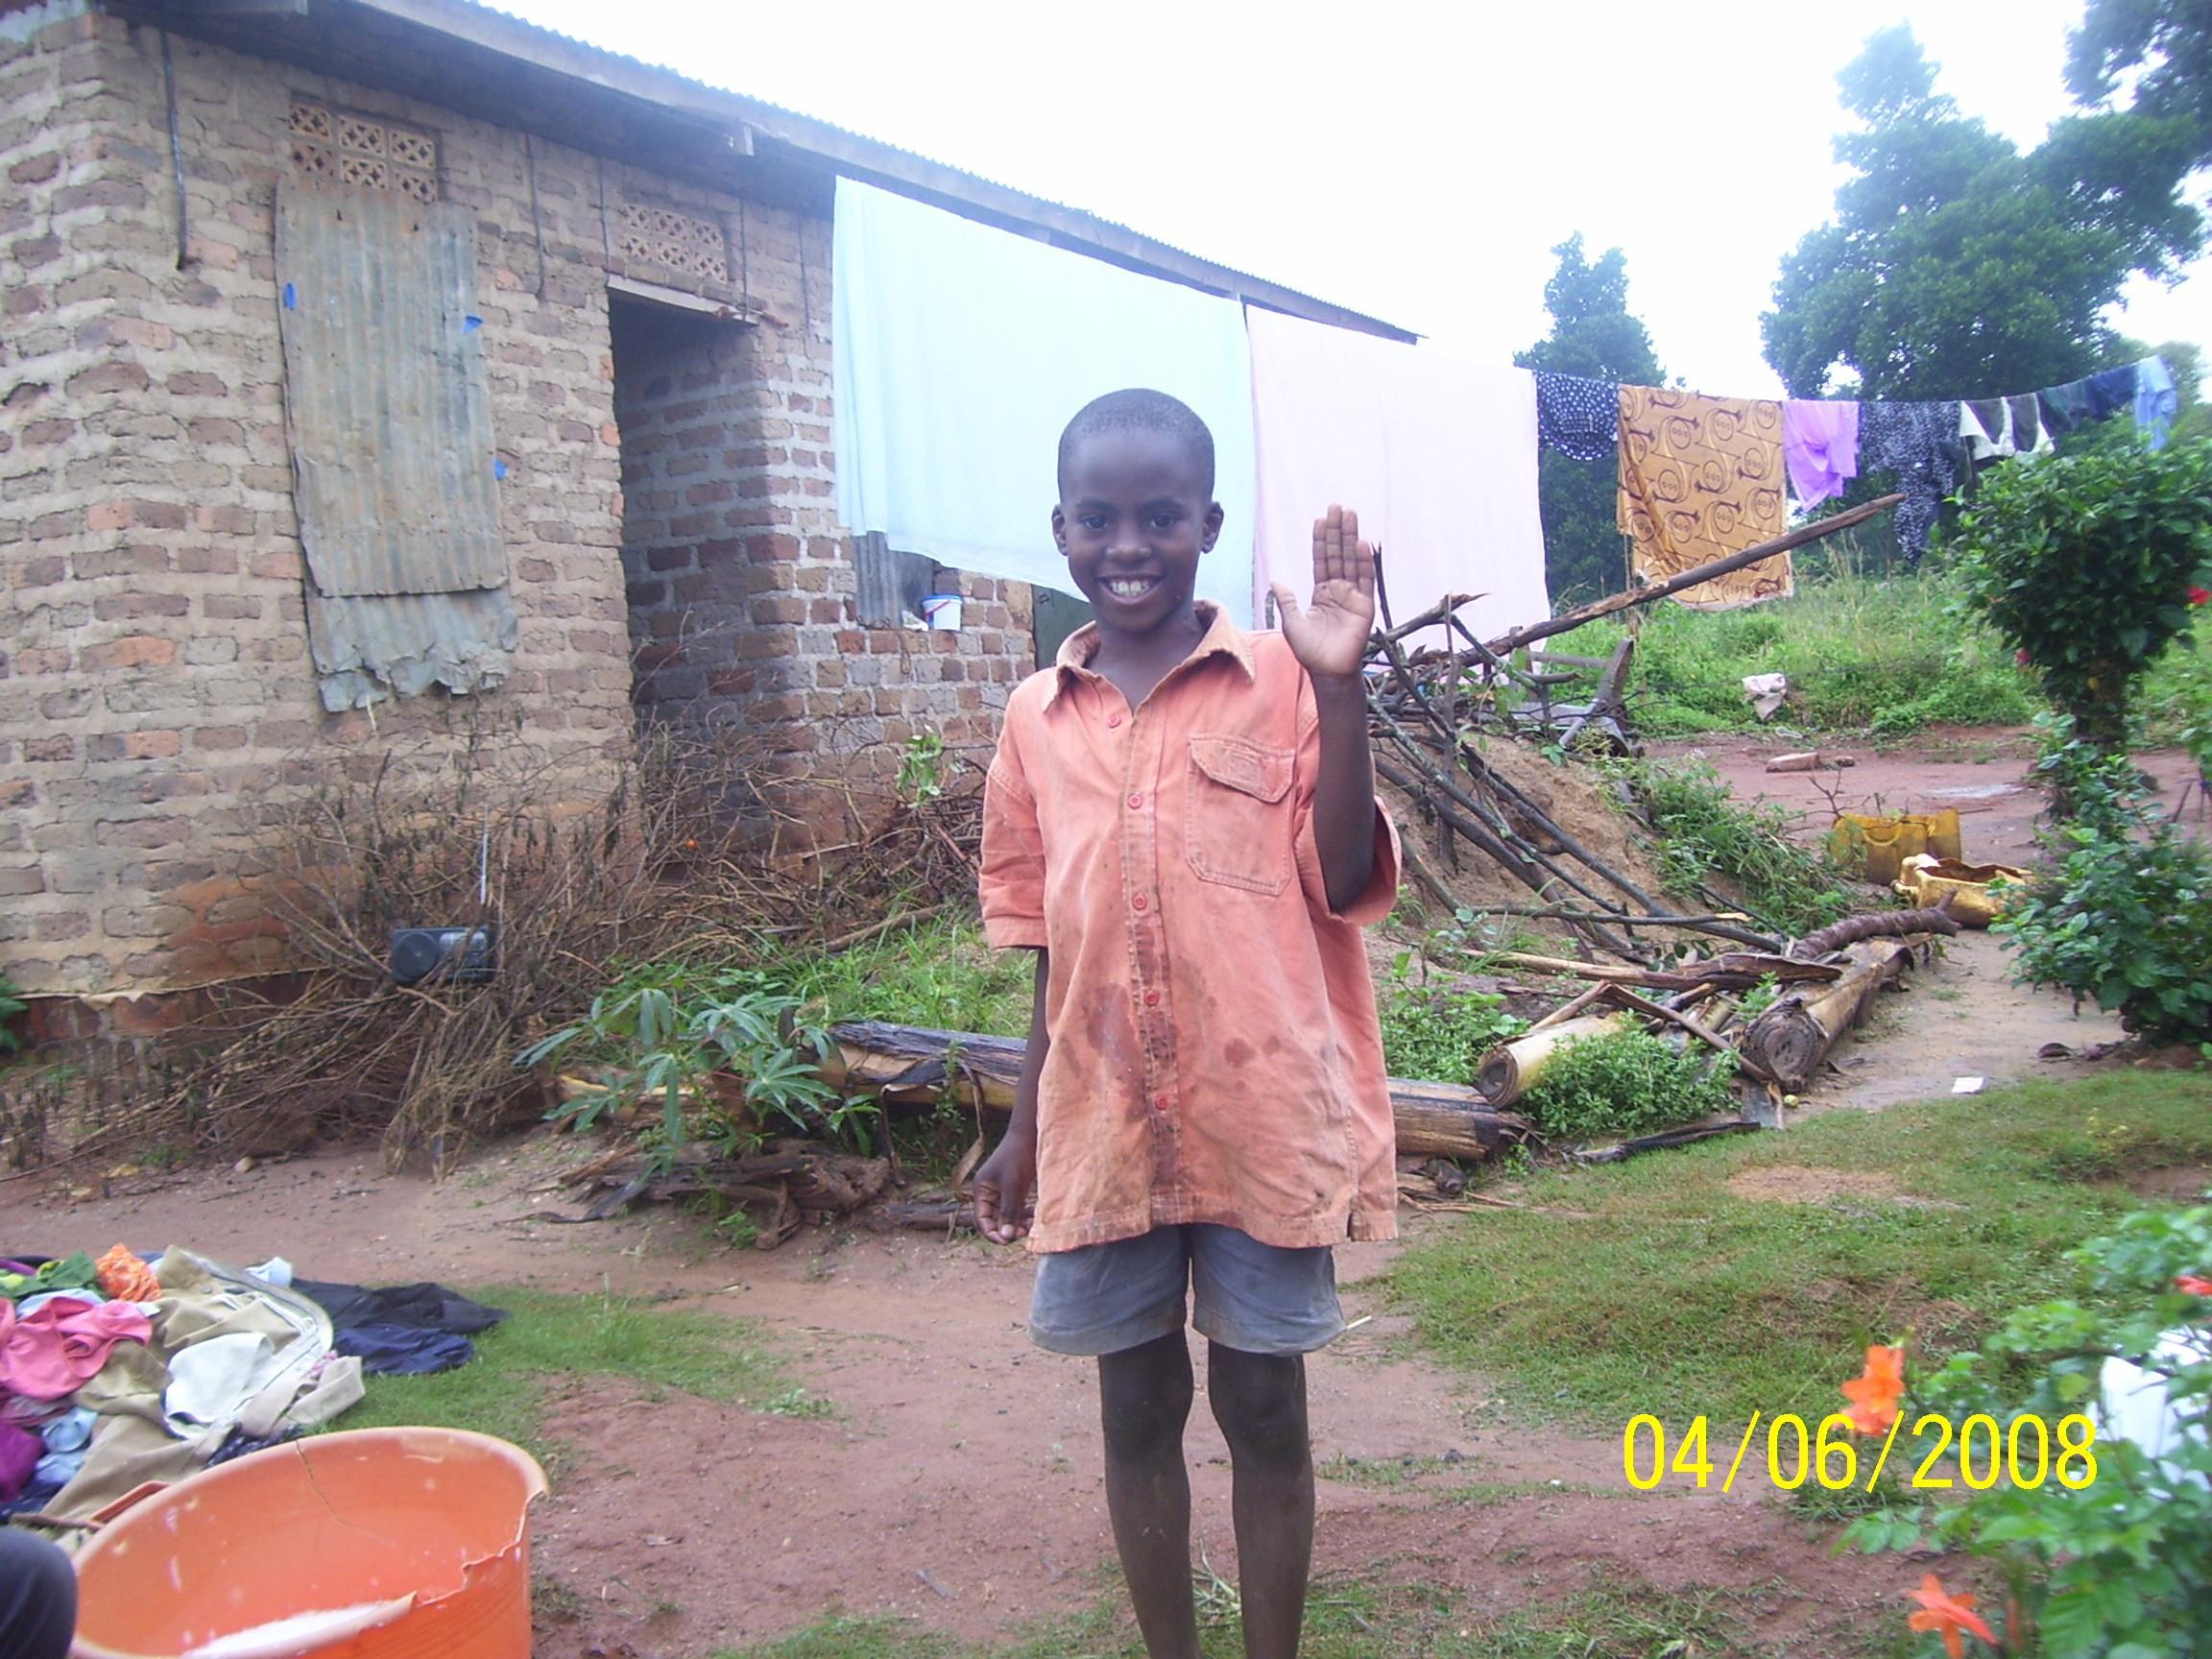 Miro Jovan, one of the sponsored children